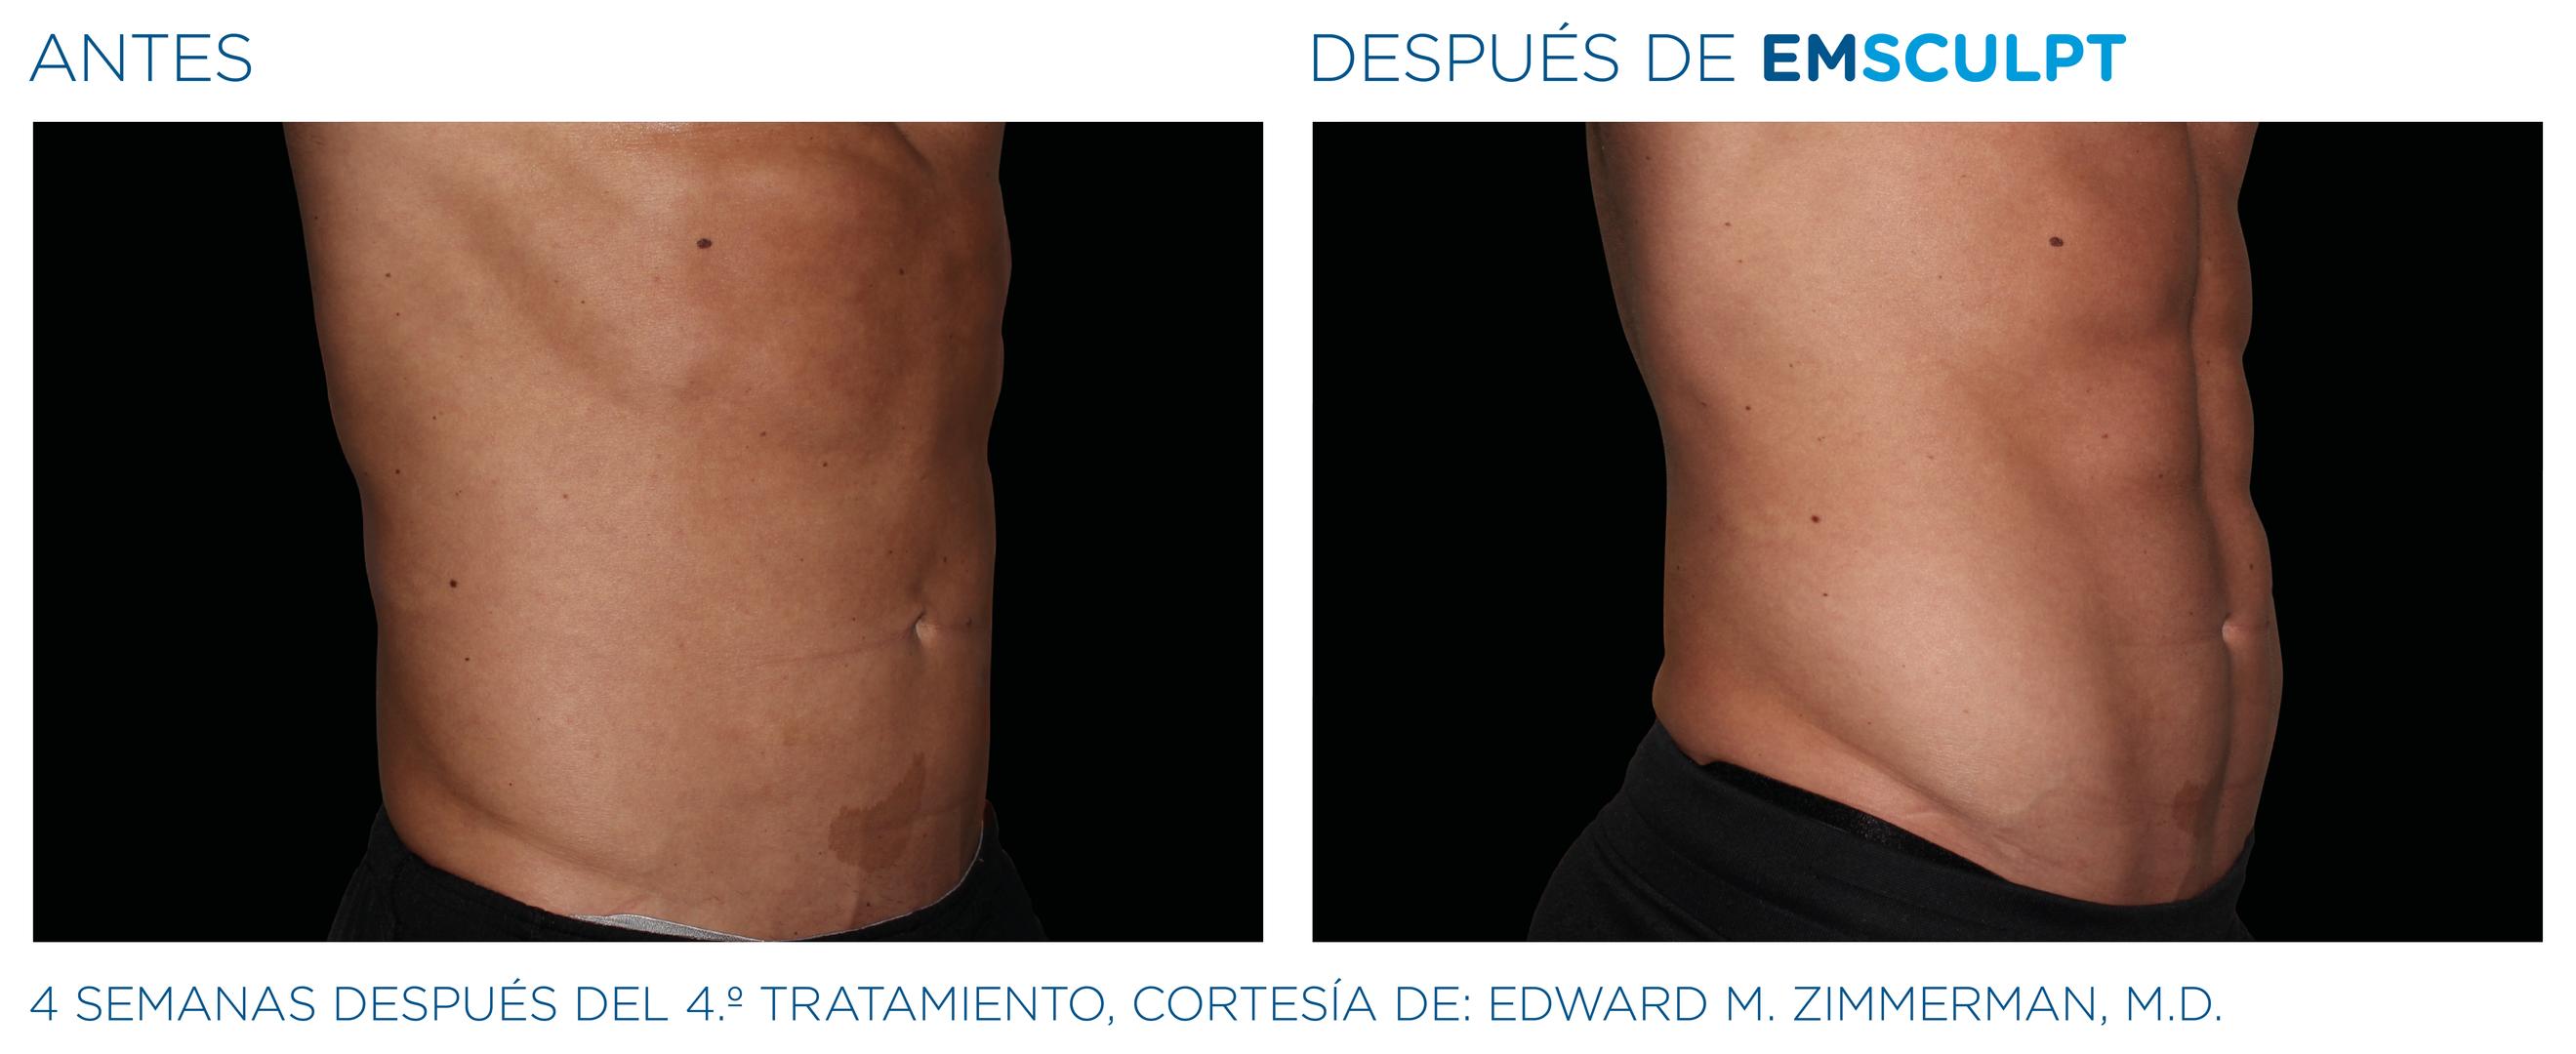 EMSculpt Resultado abdomen hombre